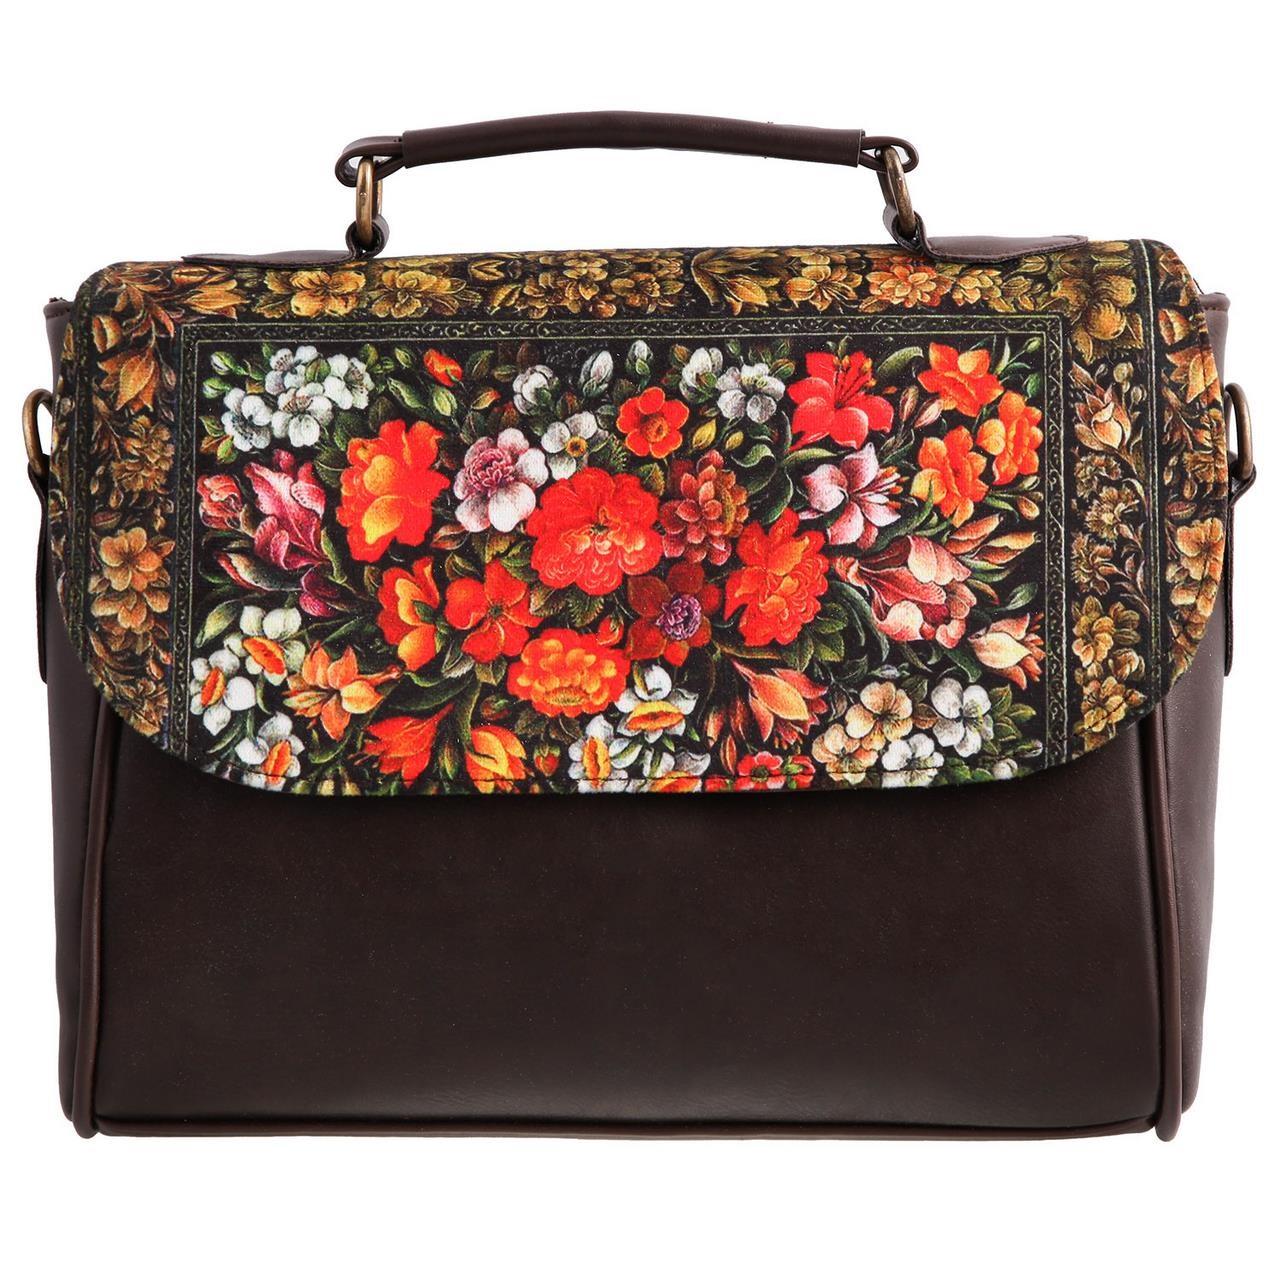 کیف دوشی زنانه گالری وستای مدل گل و مرغ کد 91038